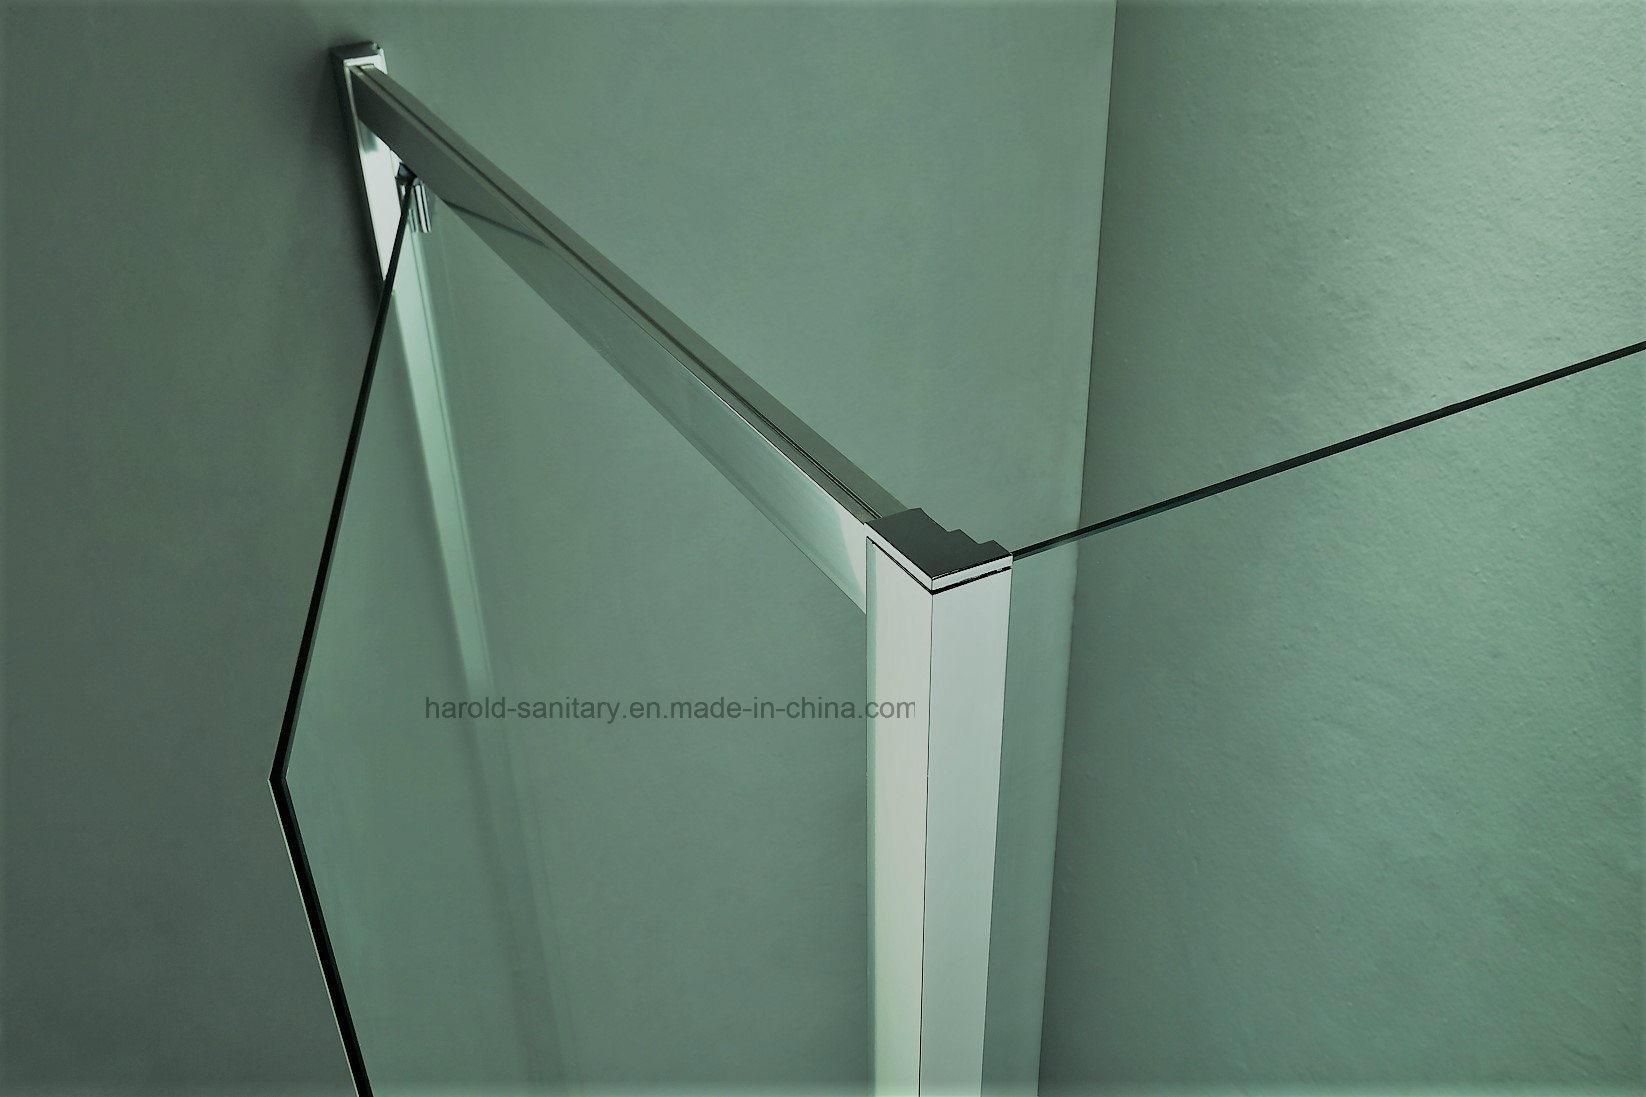 HR-09 Framed Pivot Hinge Shower Enclosure